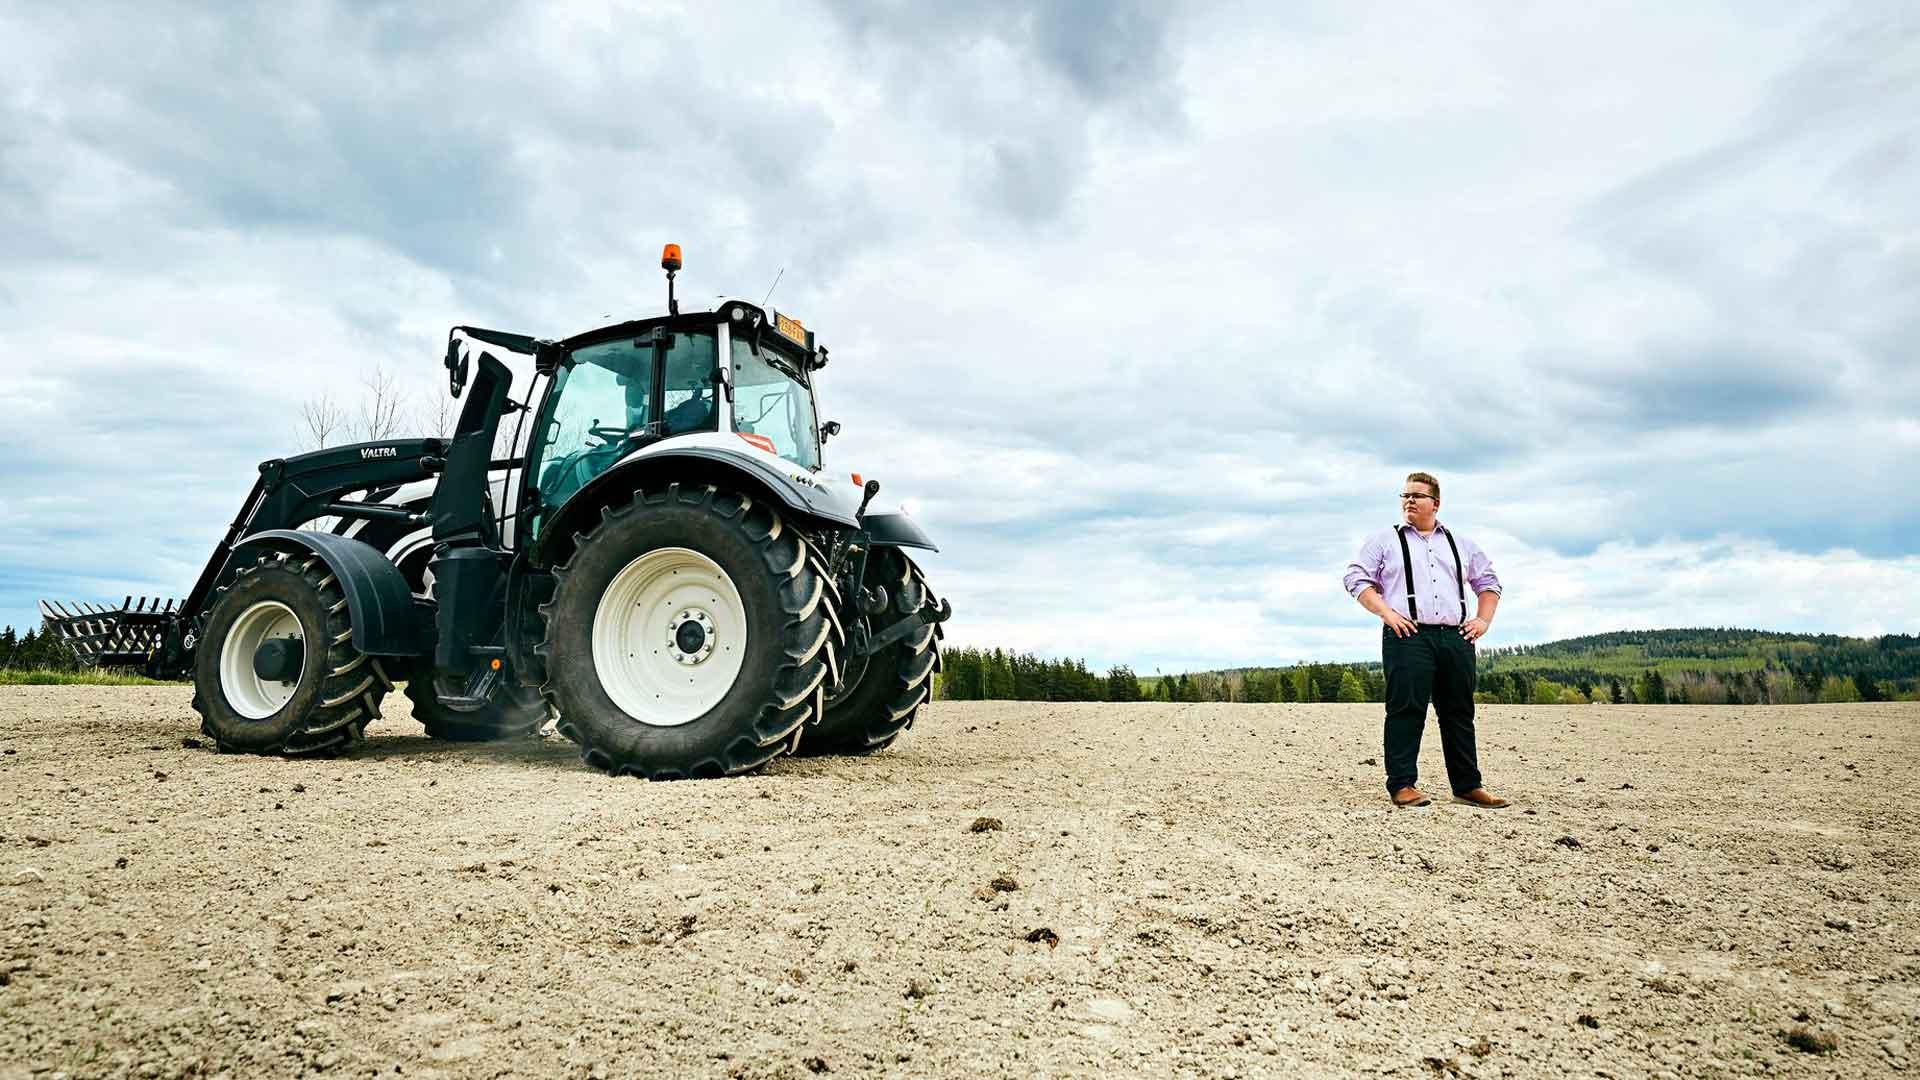 Tangokuninkuudesta haaveileva Henri on tottunut tarttumaan työhön. Koronakeväänä hän paiski töitä traktorilla pelloilla. Haaveissa on kuitenkin saada ammatti laulamisesta.